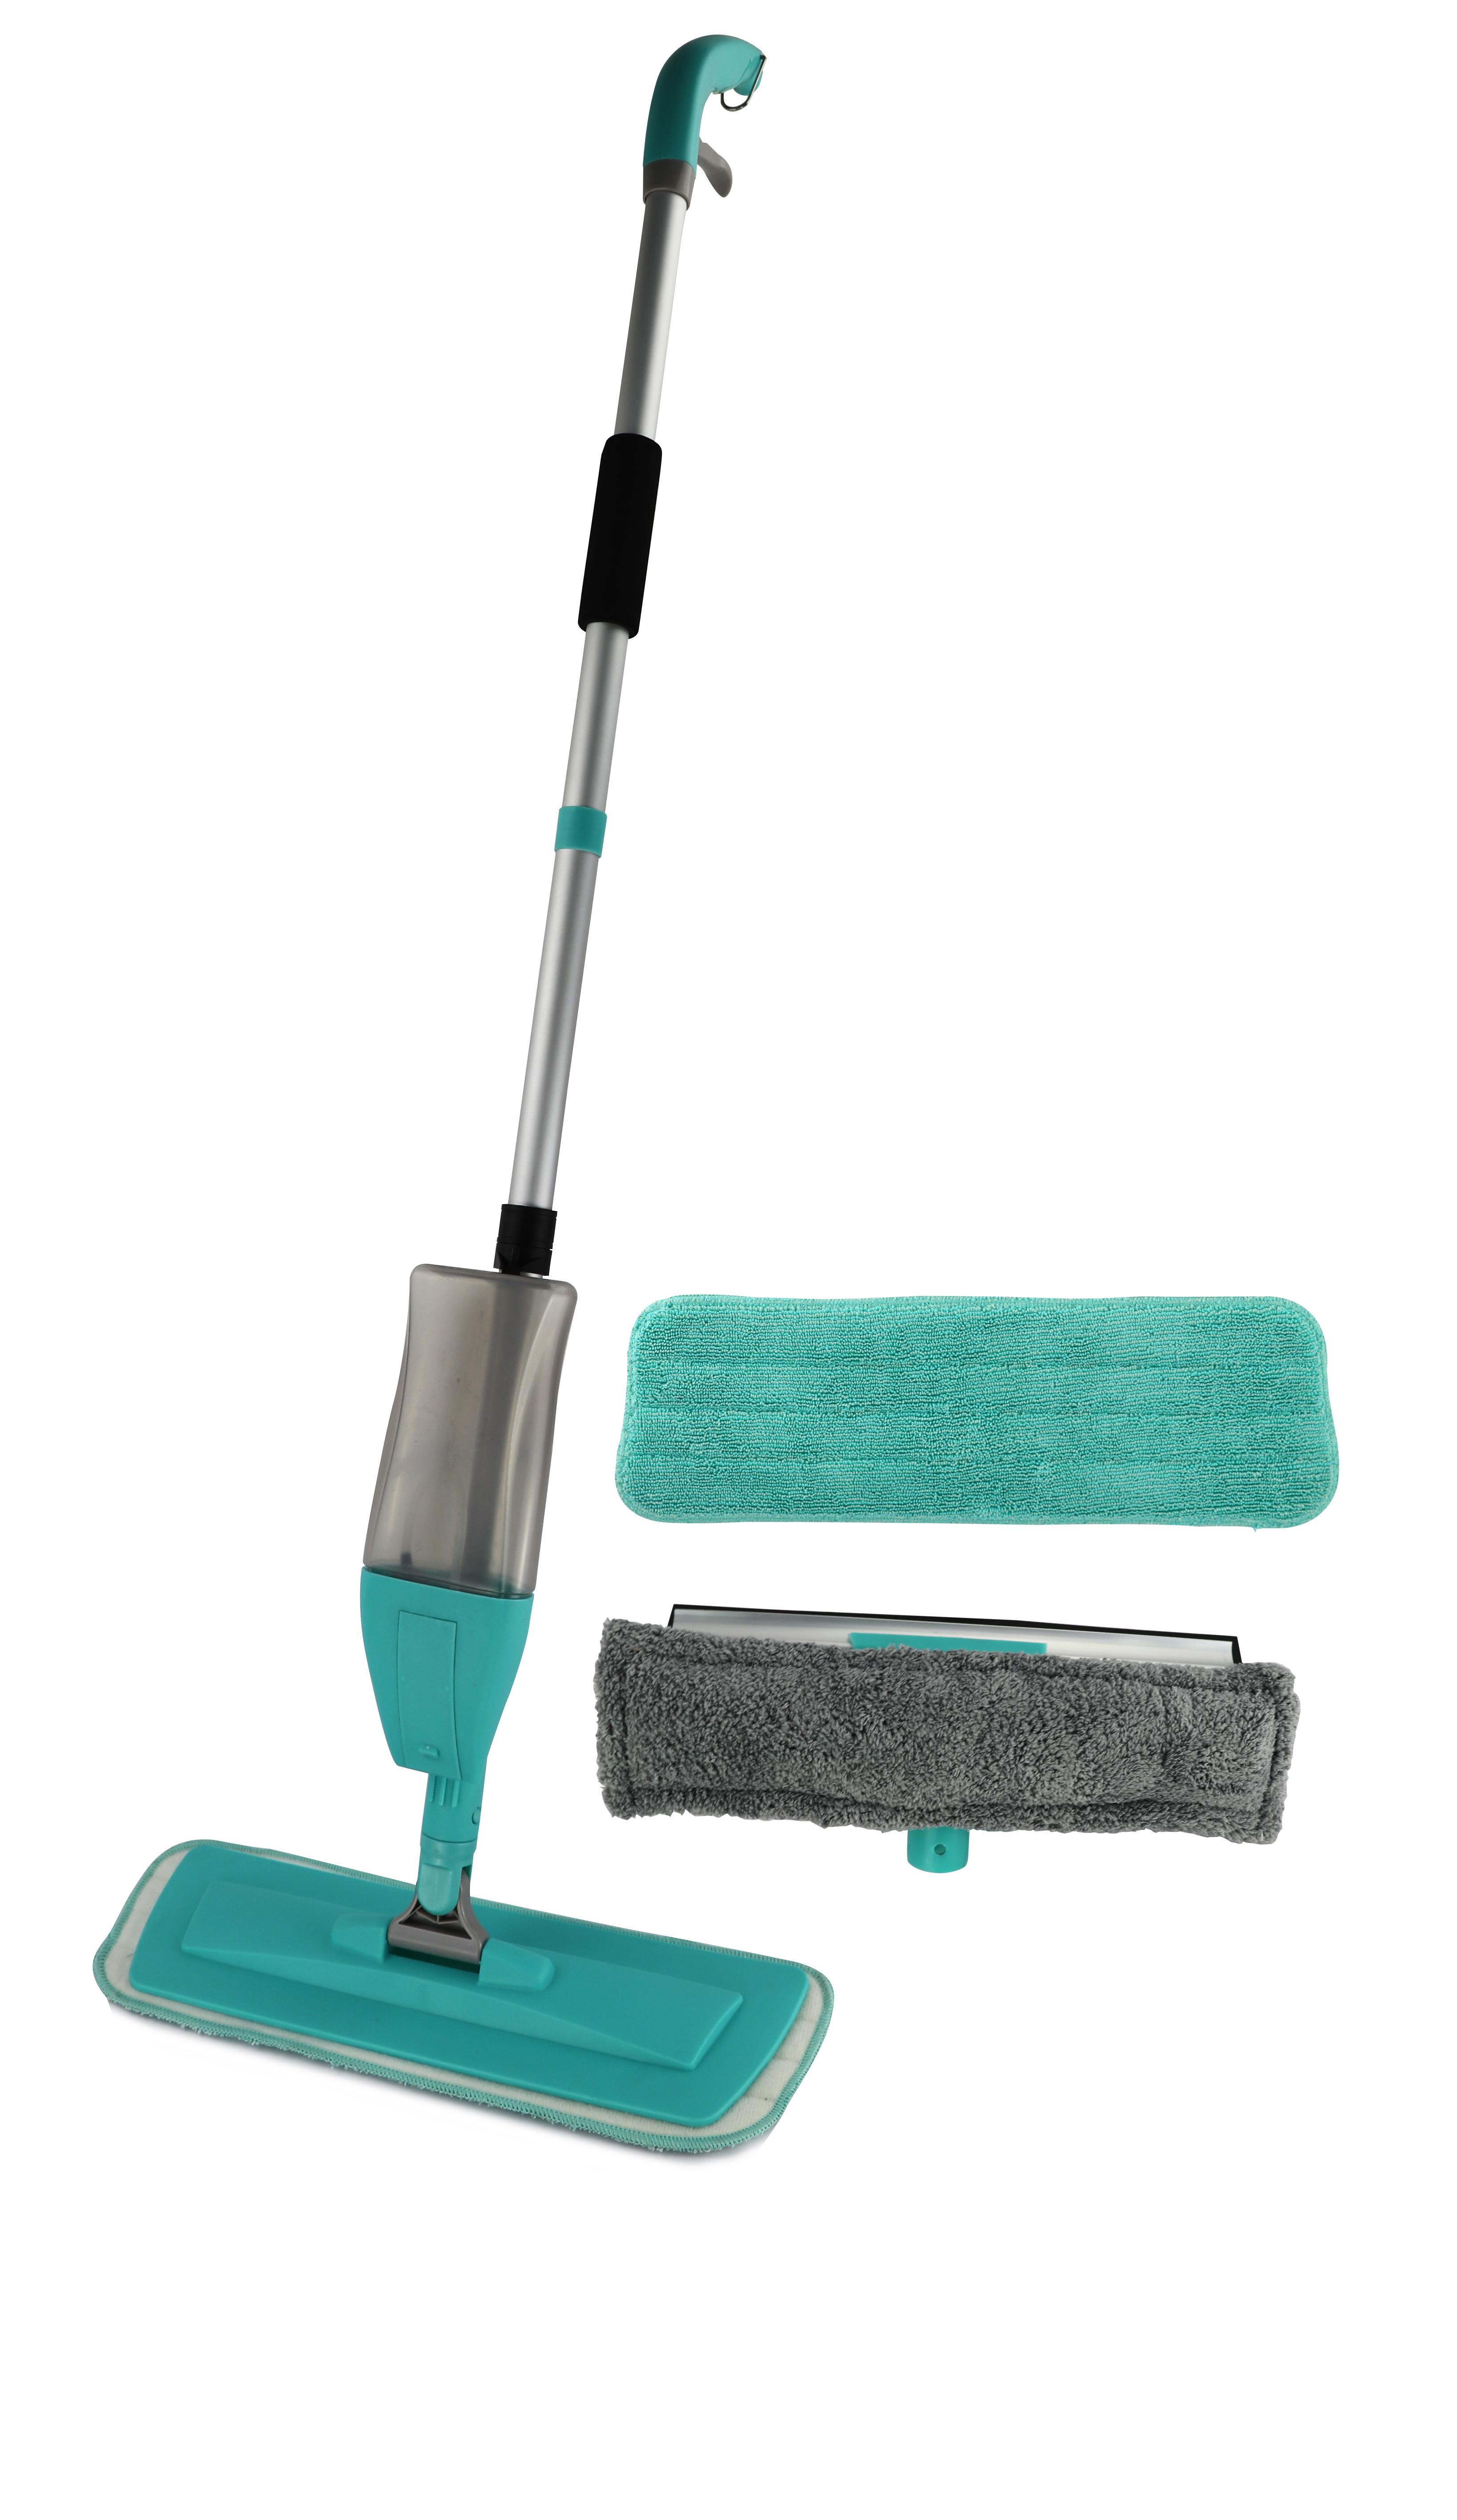 Carvell CL 1001 Slota grīdas mazgāšanai ar smidzinātāju